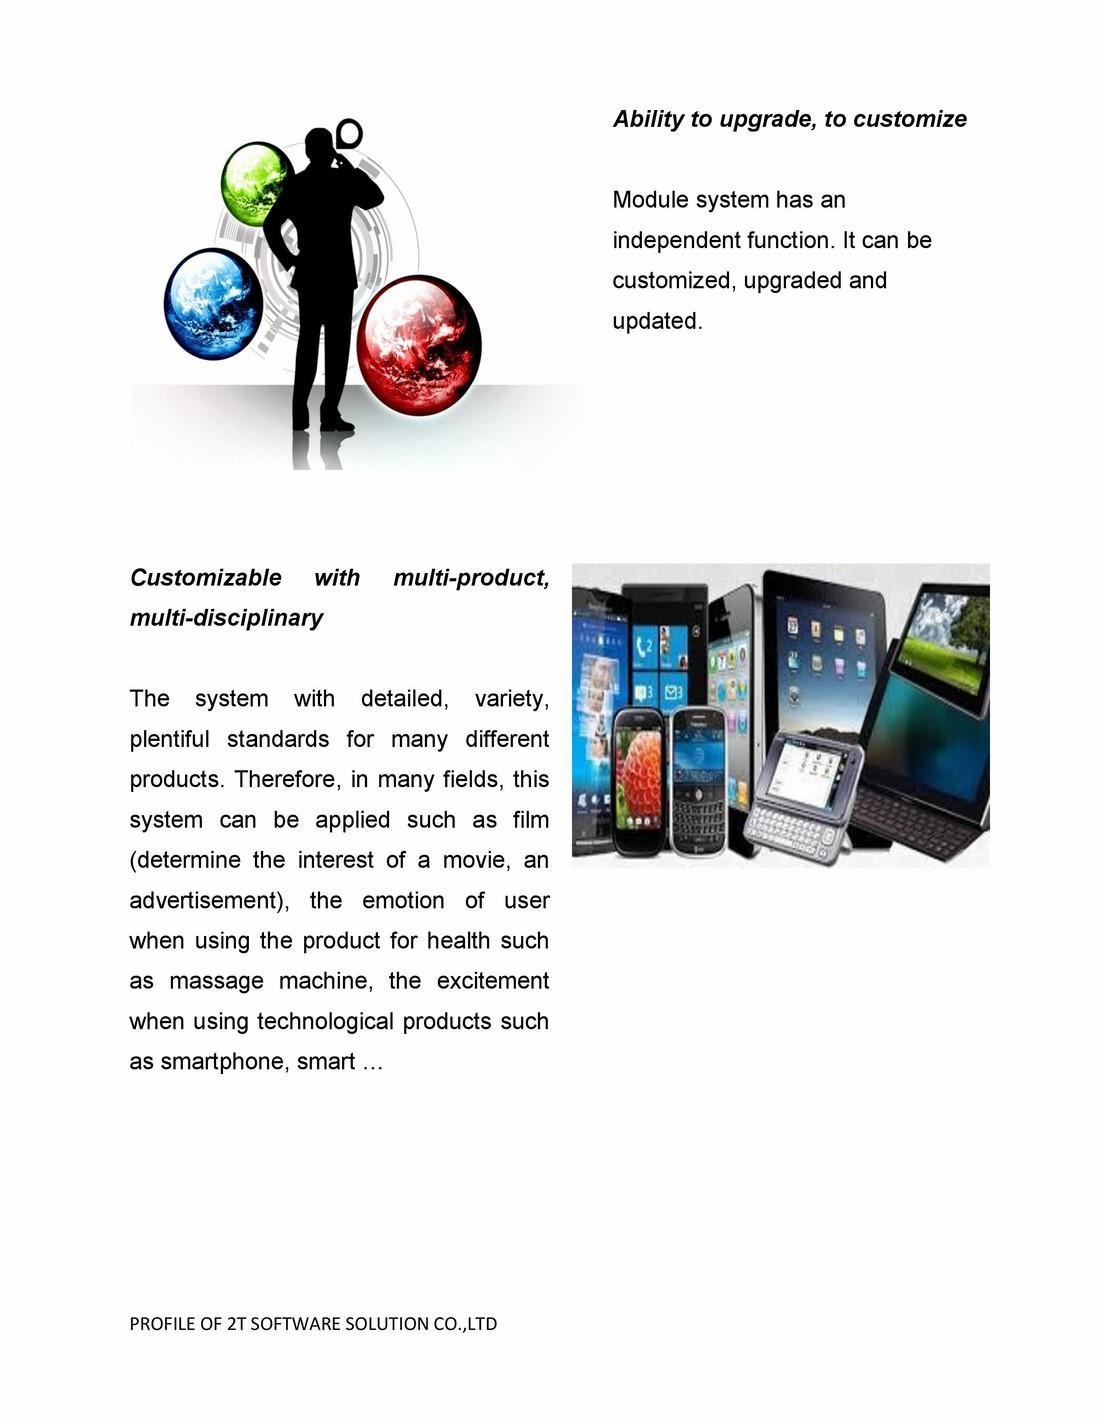 2TS Profile_eng-page-027 (Copy)